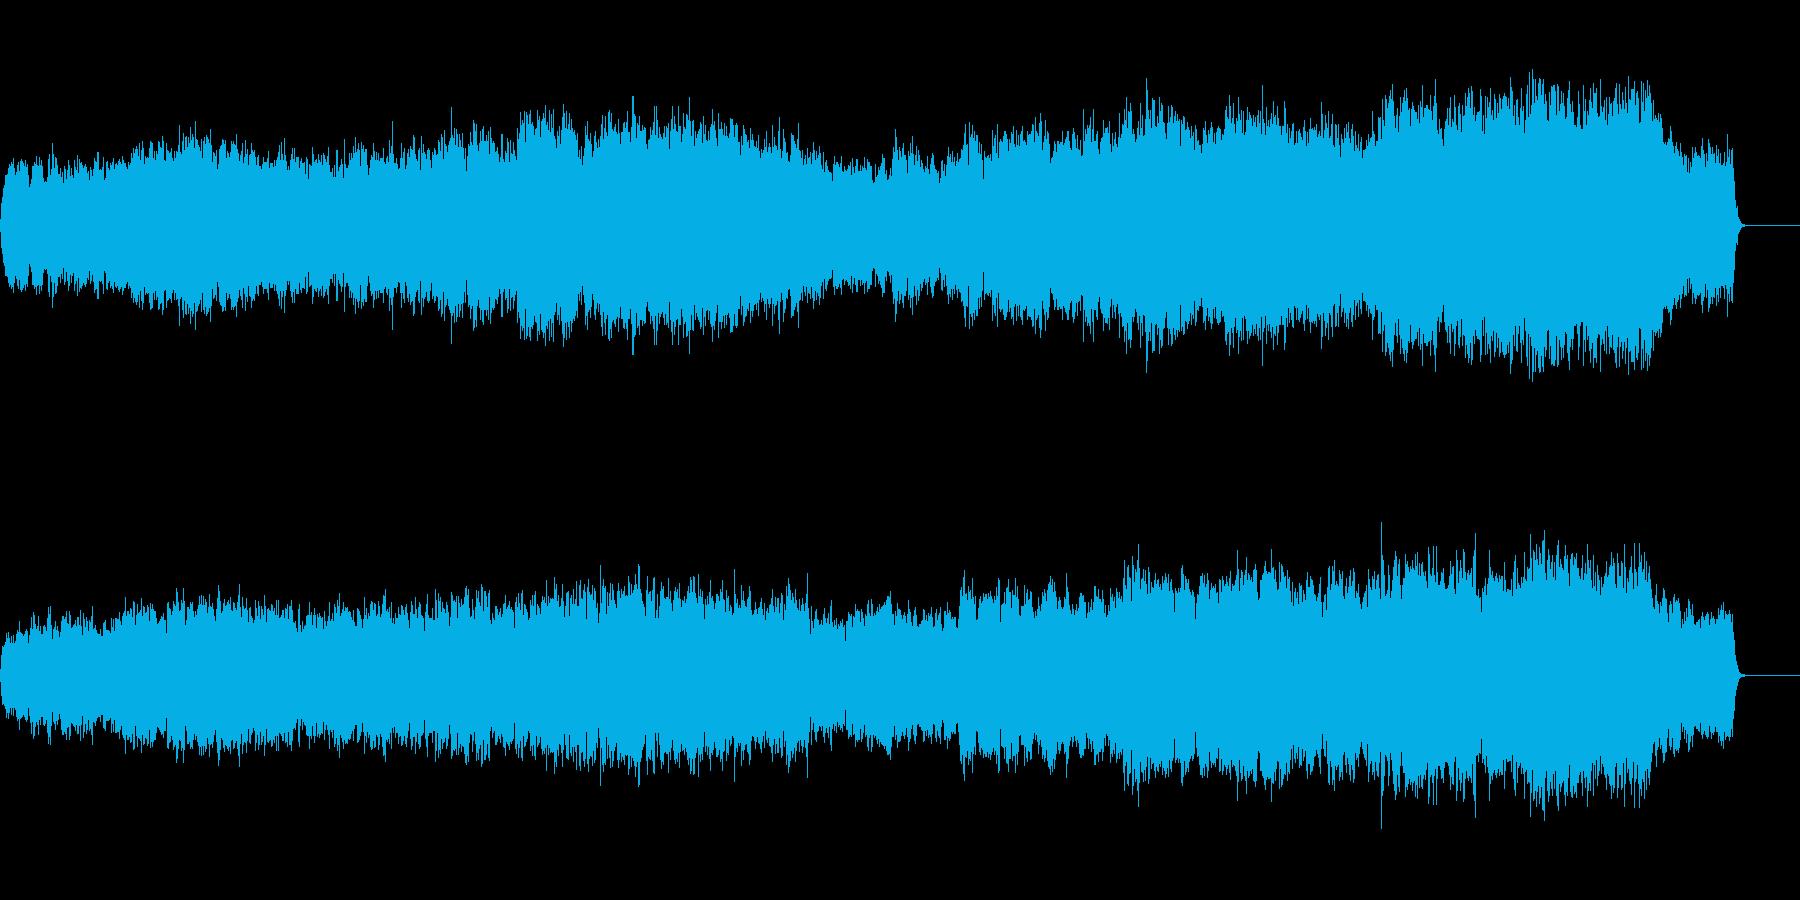 エニグマ変奏曲よりニムロッドの再生済みの波形